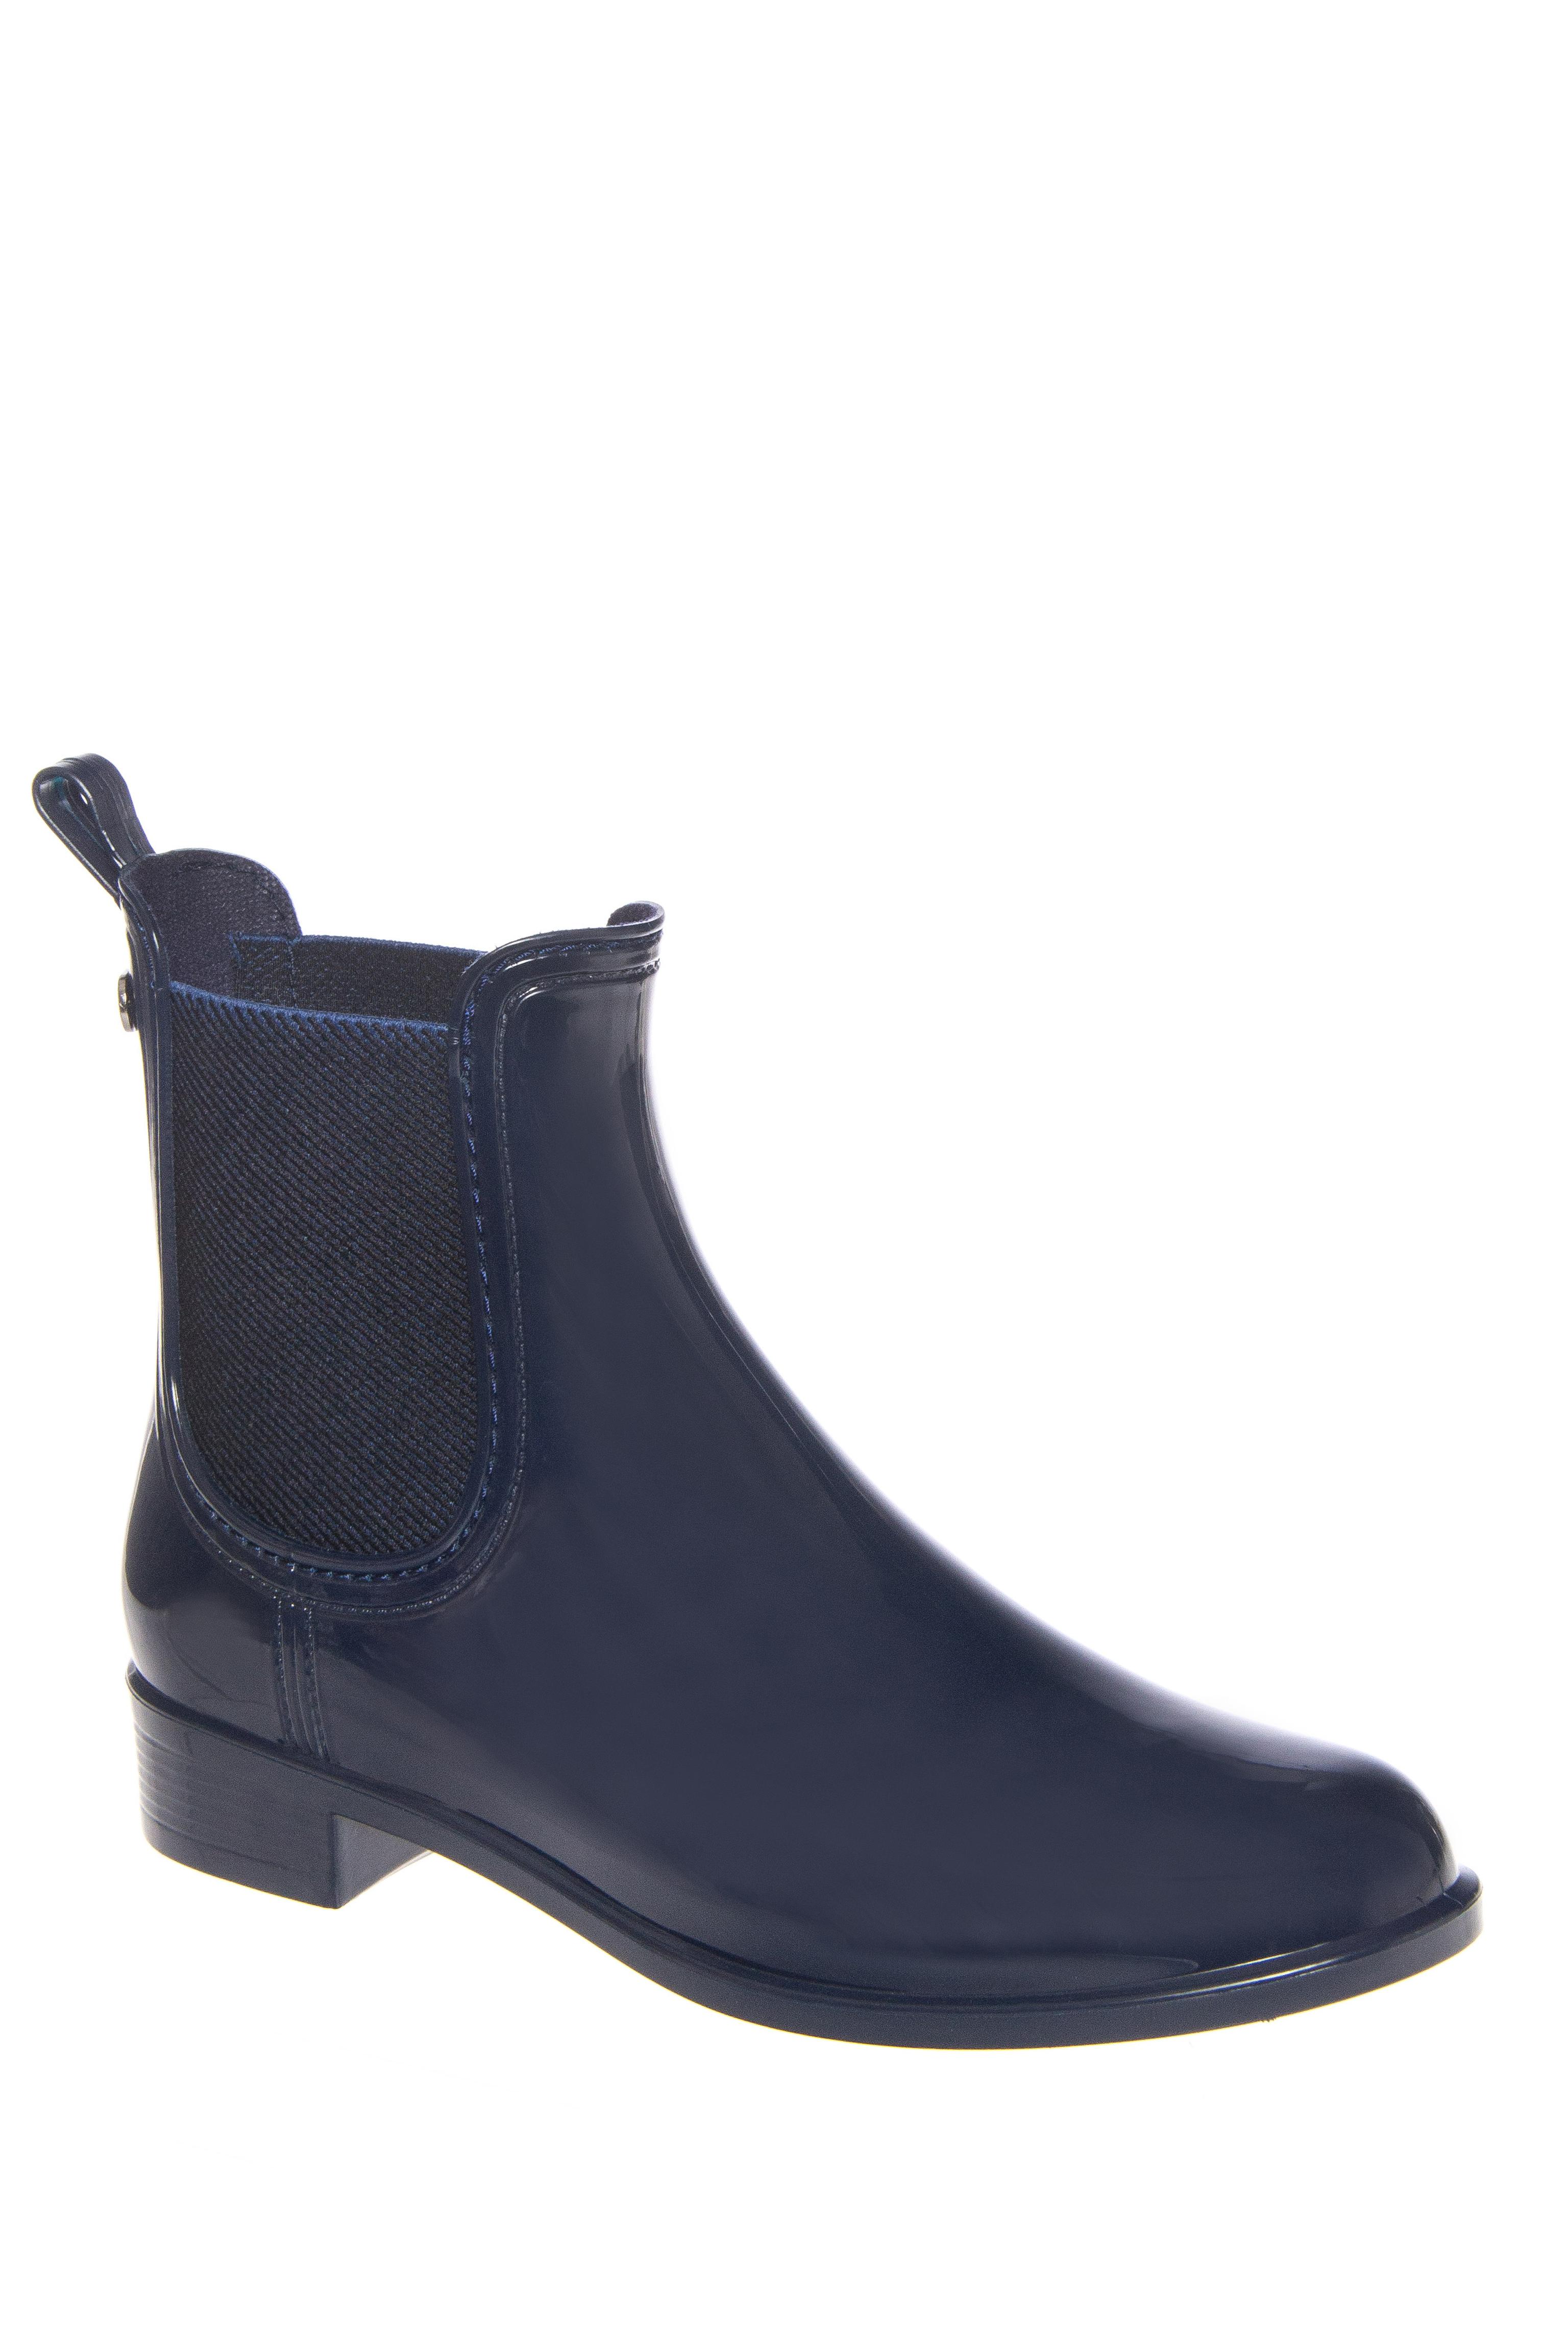 Igor Urban Low Heel Rain Boots - Navy